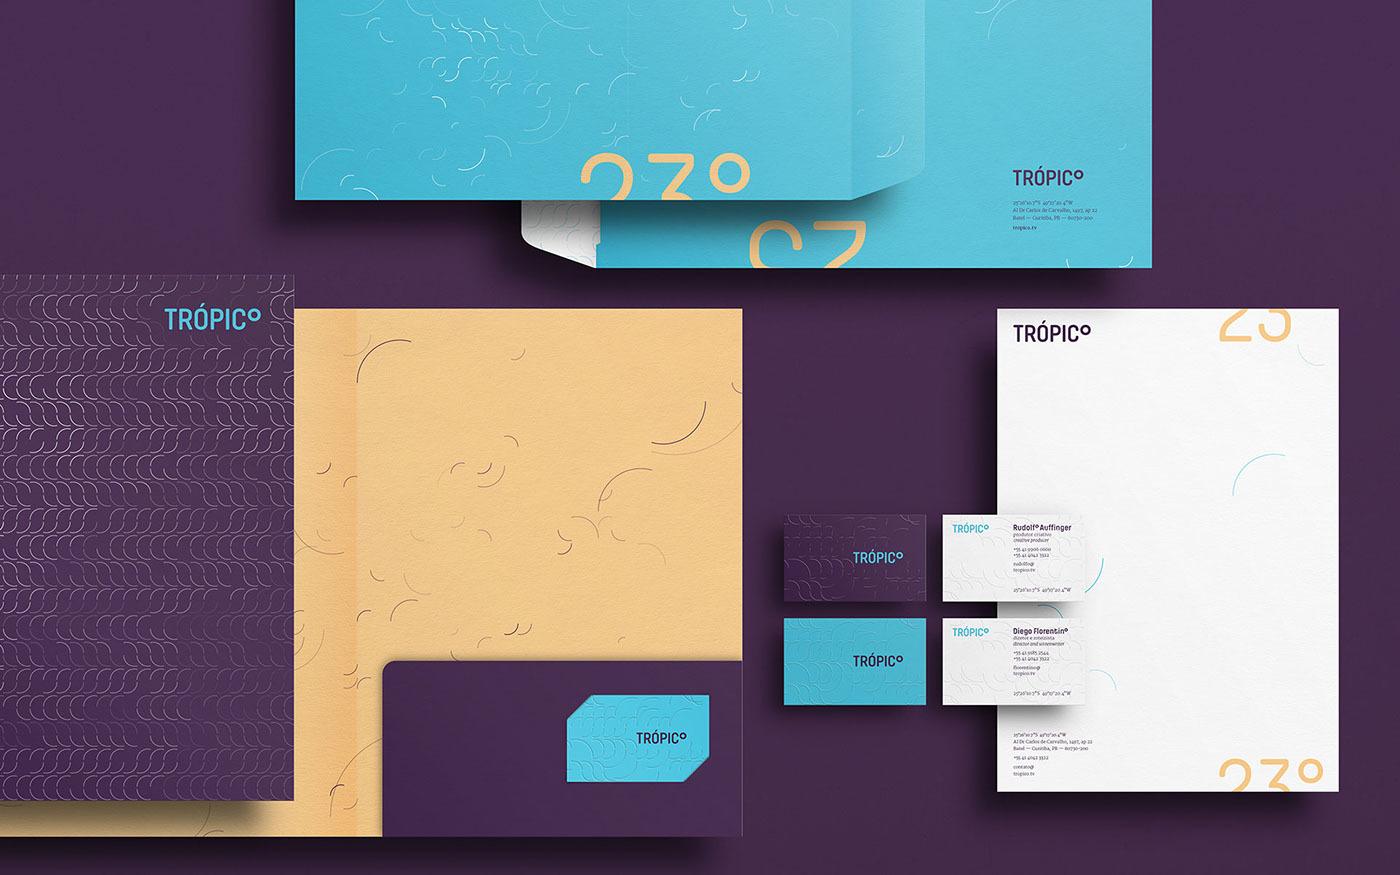 音像公司Trópico品牌设计 欣赏-第14张